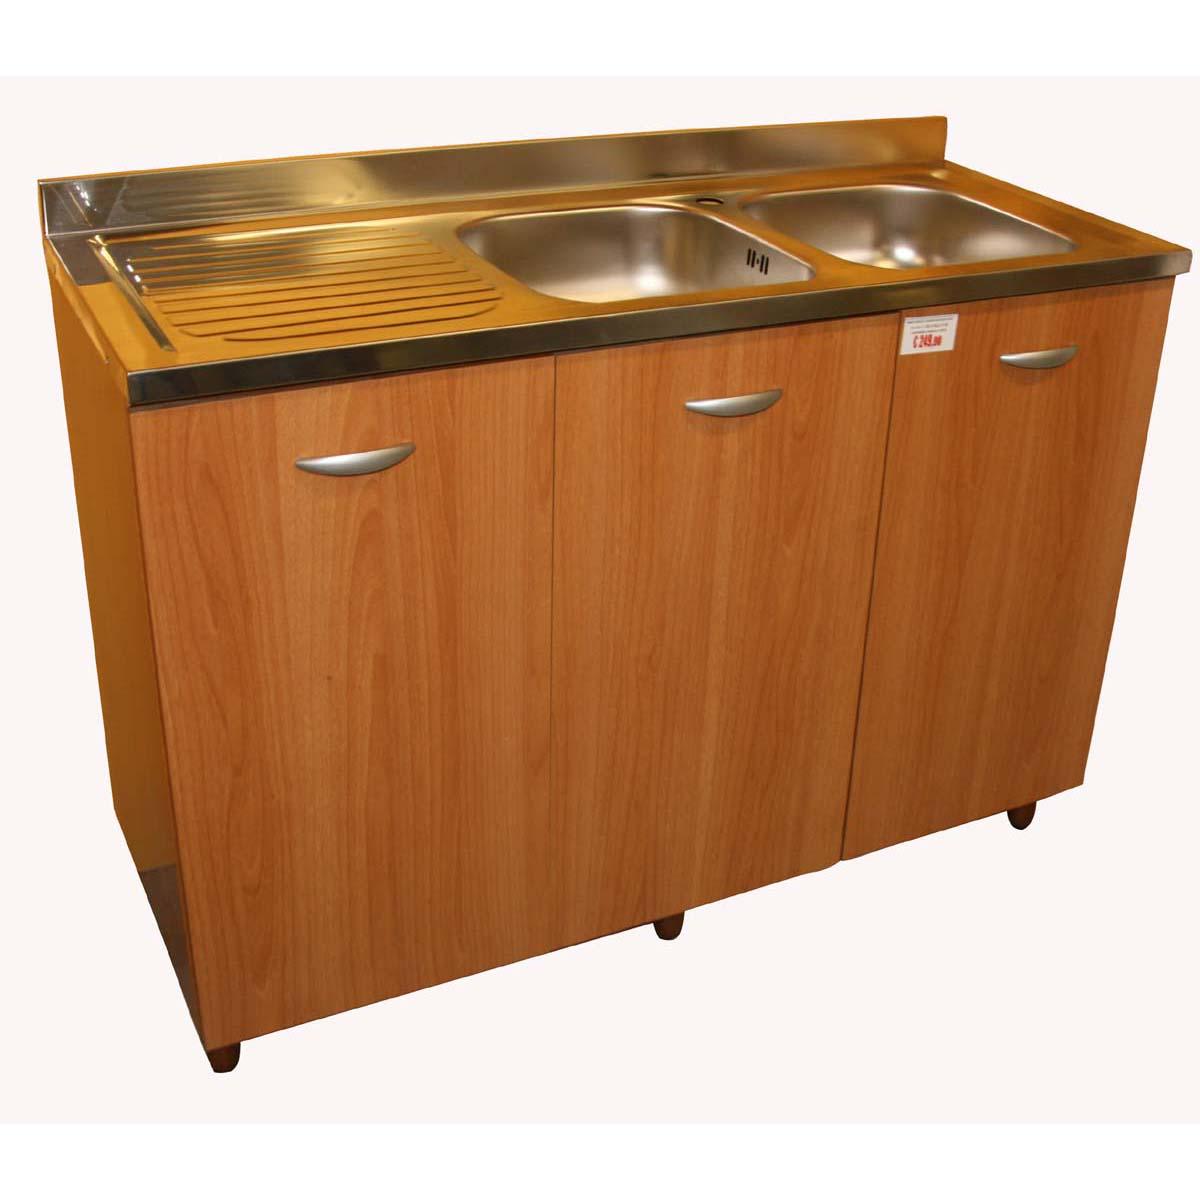 Base sottolavello a due vasche con gocciolatoio per cucina ...